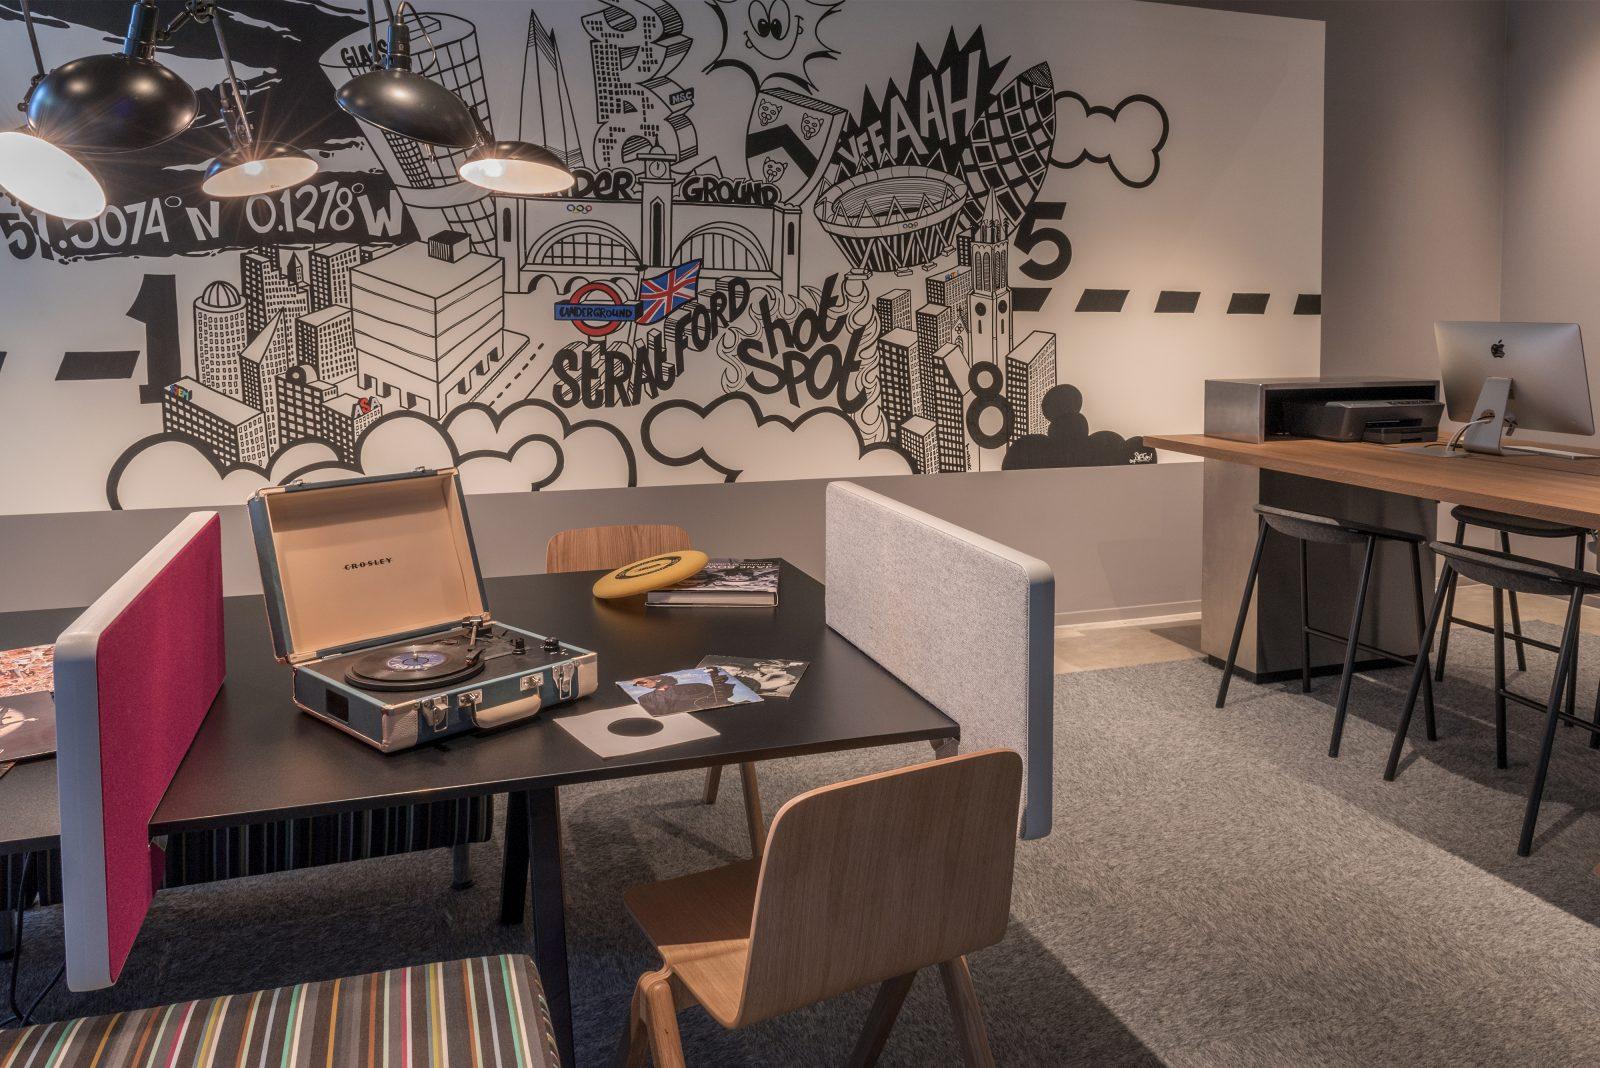 Moxy hotel London Stratford